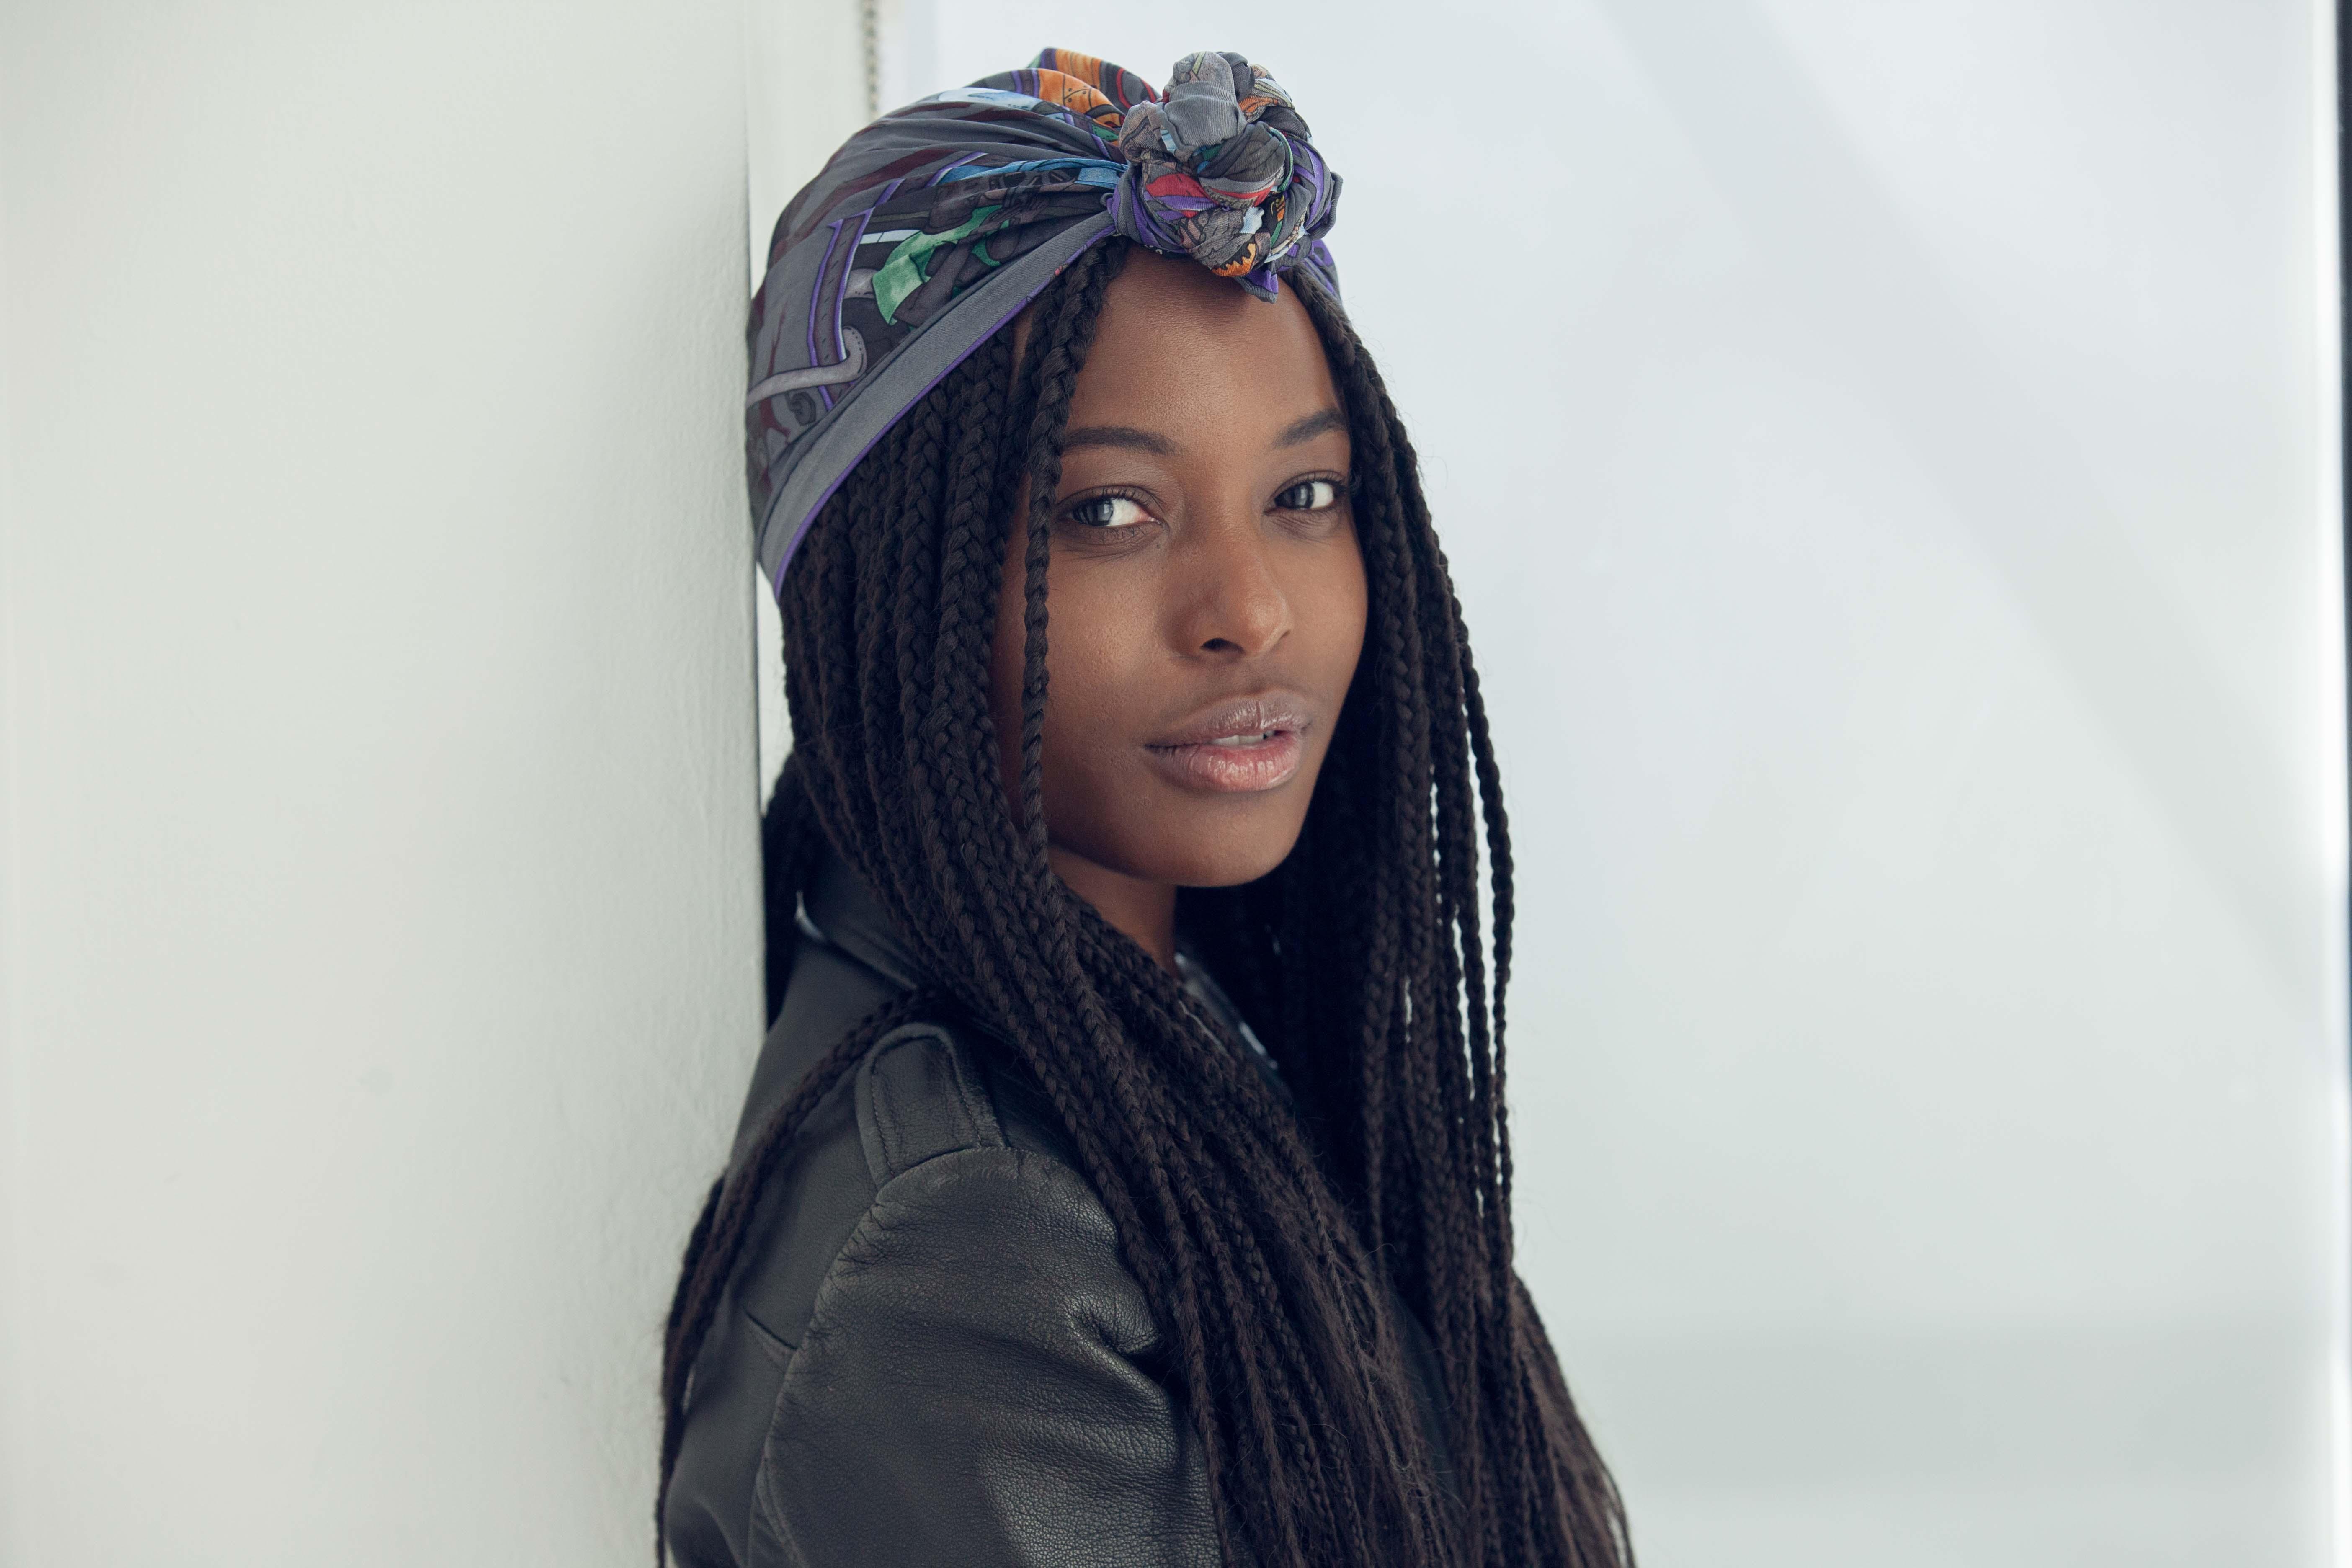 box tresses : jeune femme noire avec des box tresses portant un foulard à motifs